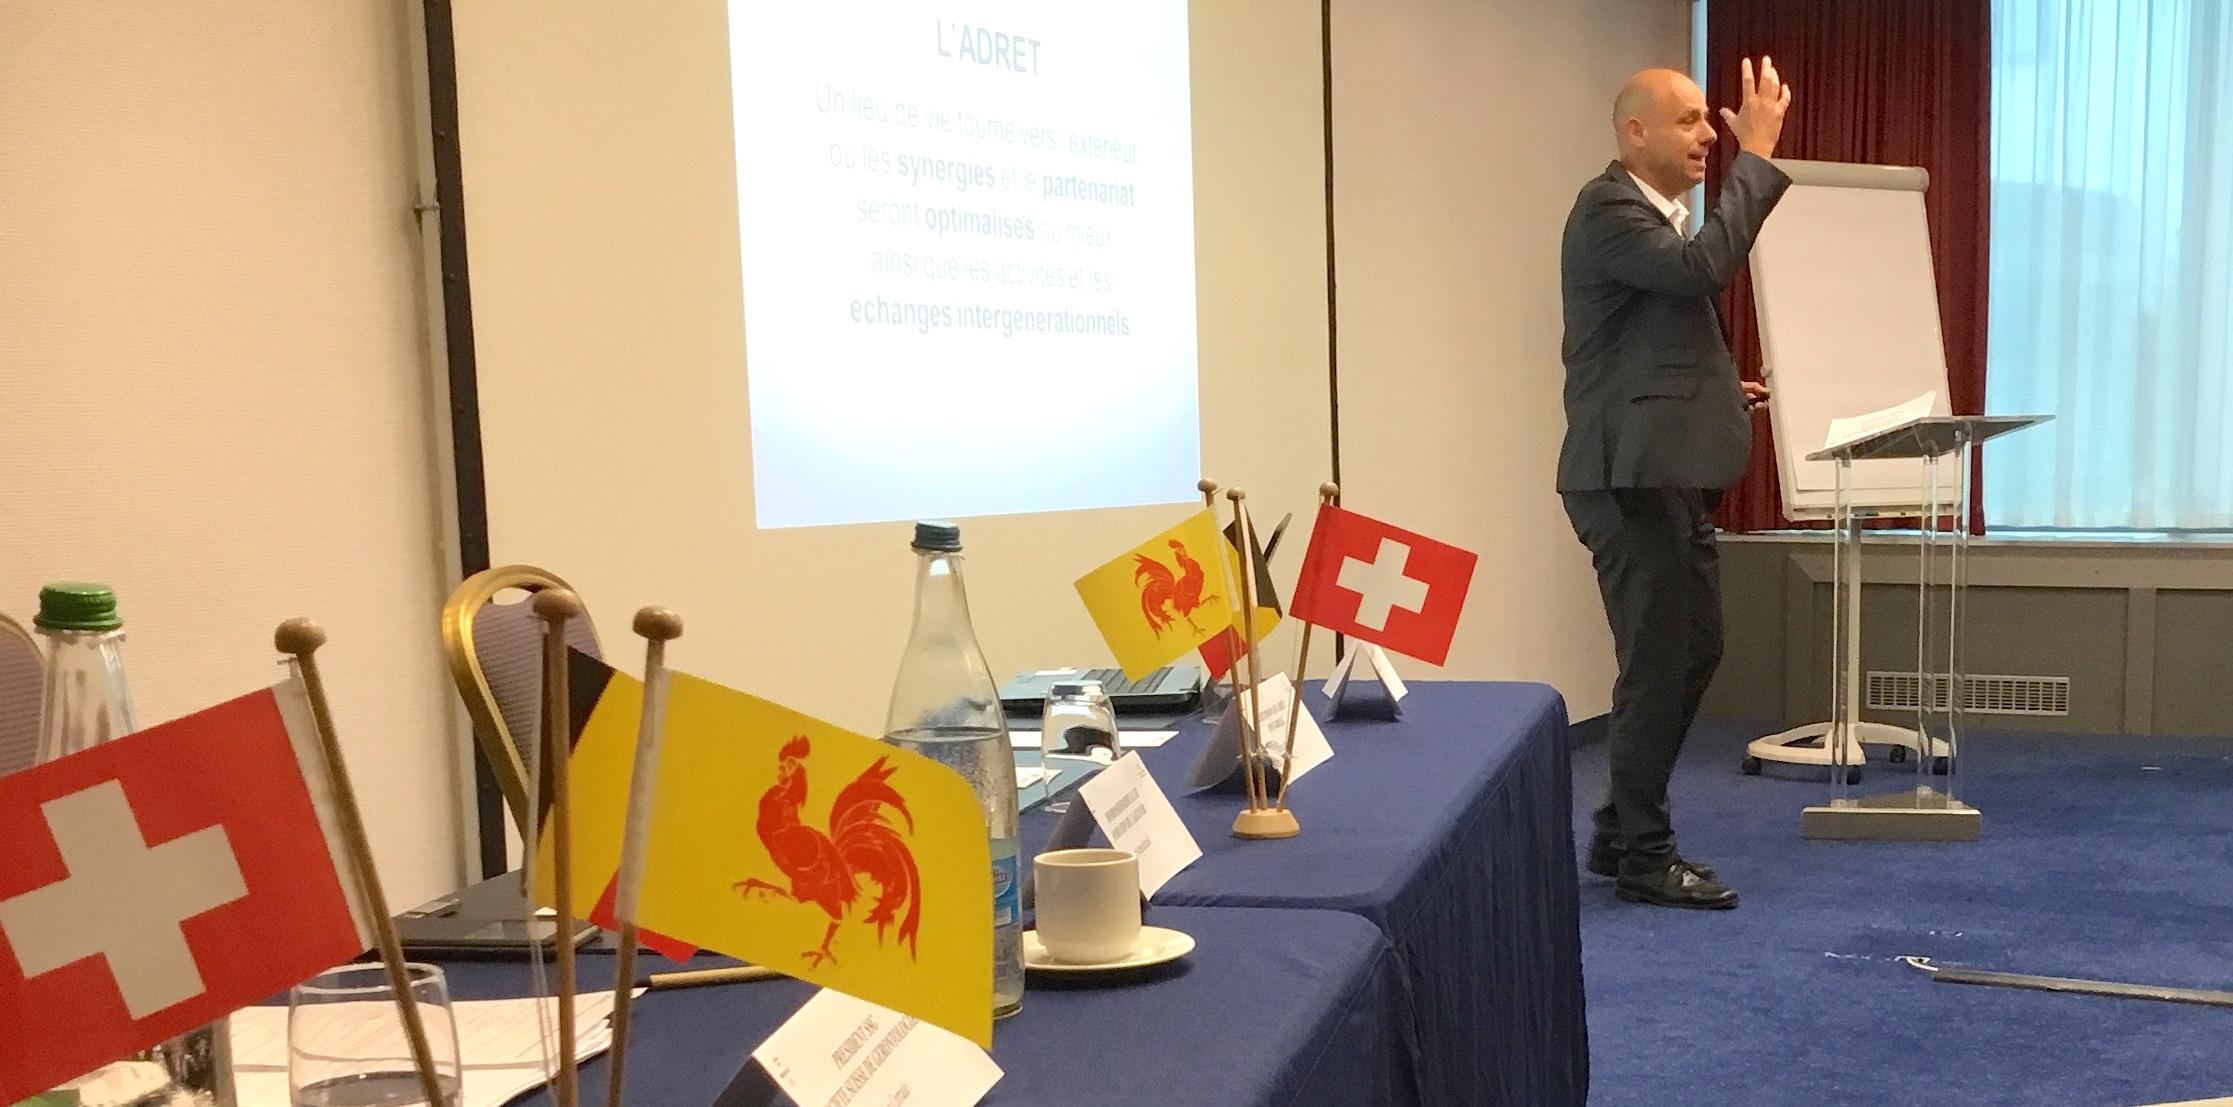 Vieillir en Suisse ou en Wallonie: mêmes préoccupations et défis à relever.